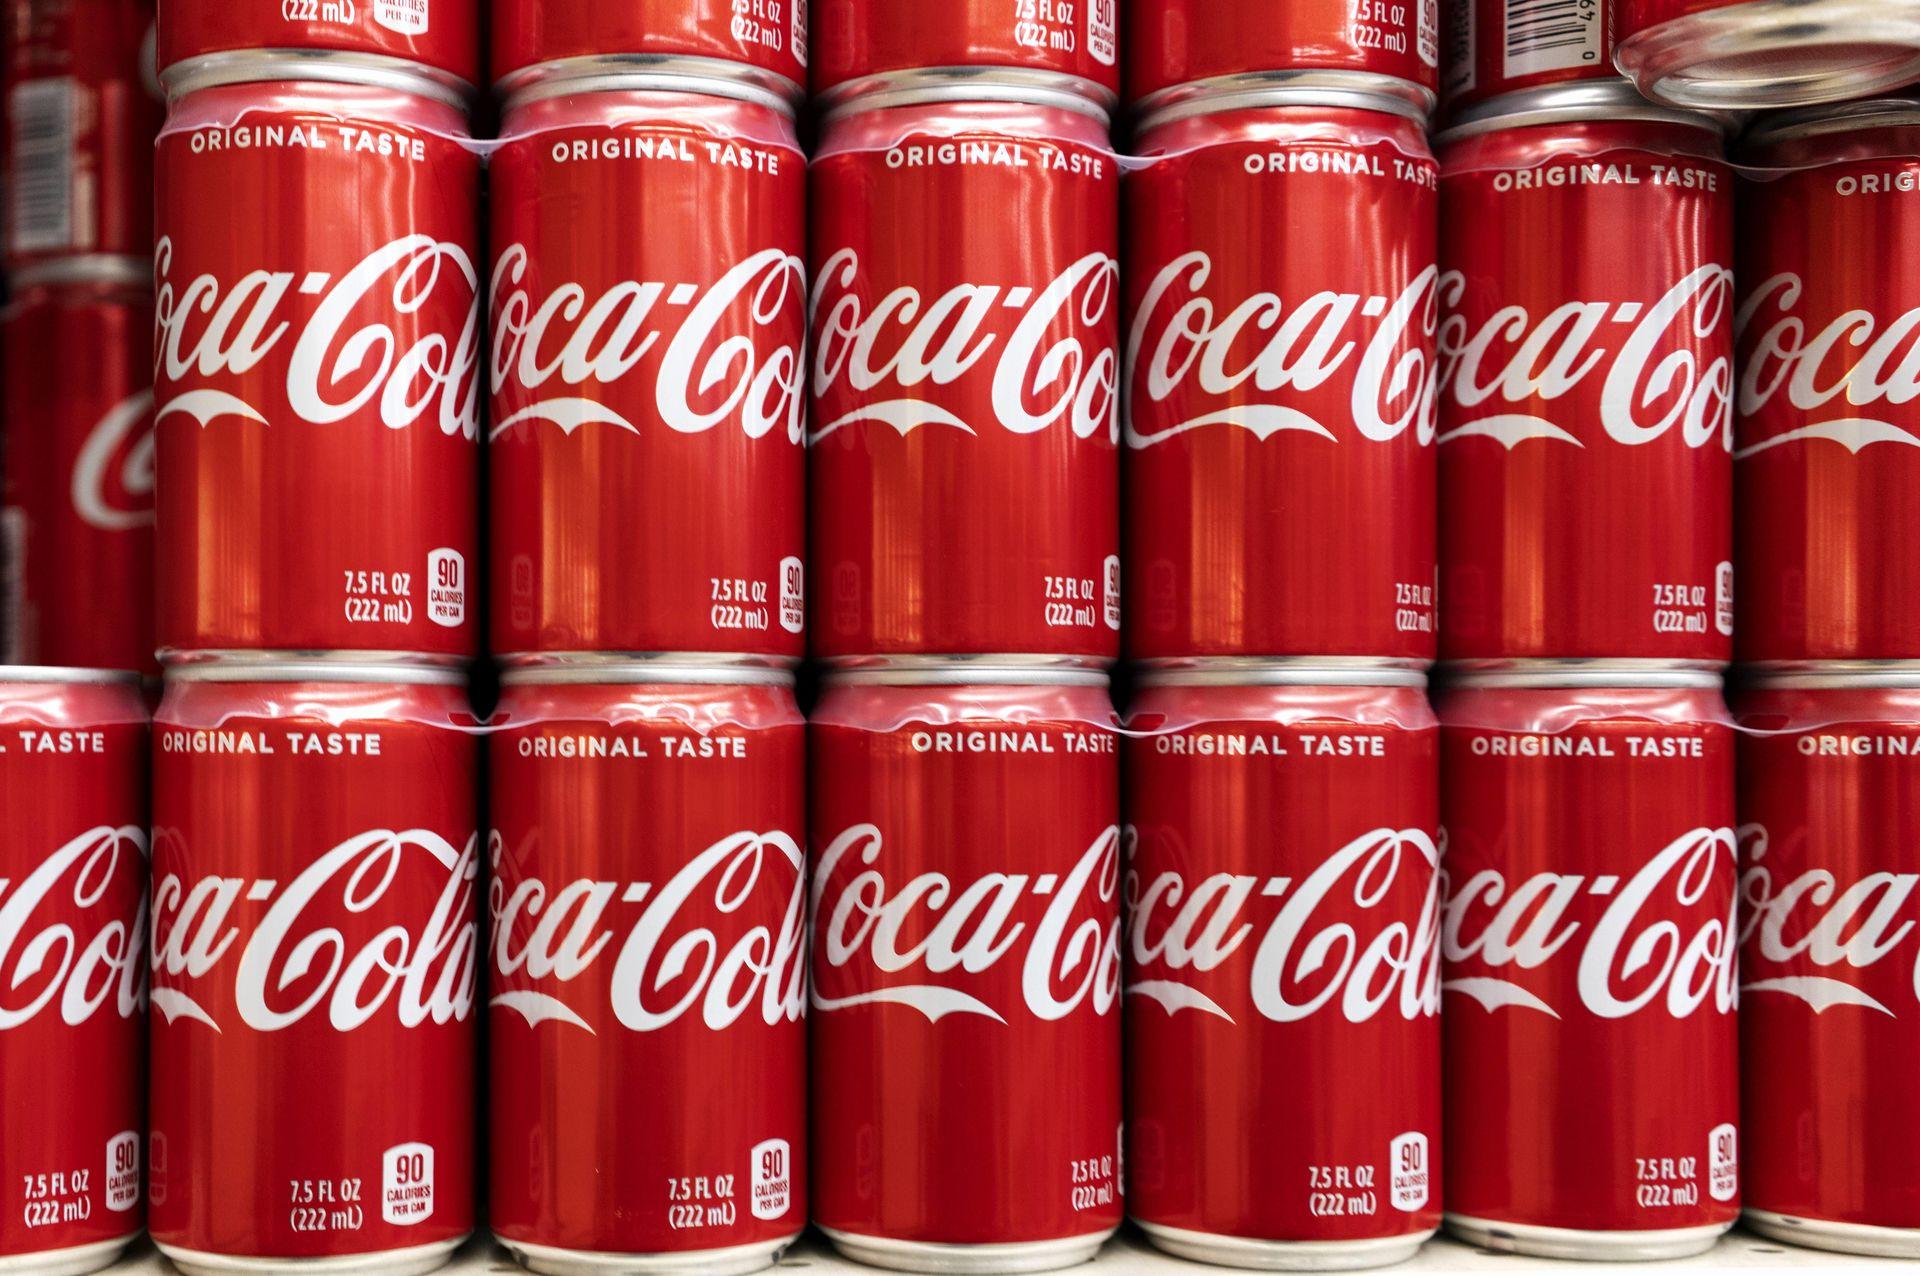 Coca-Cola gana 8.089 millones en 2019, un 39% más respecto al año anterior  - Libre Mercado